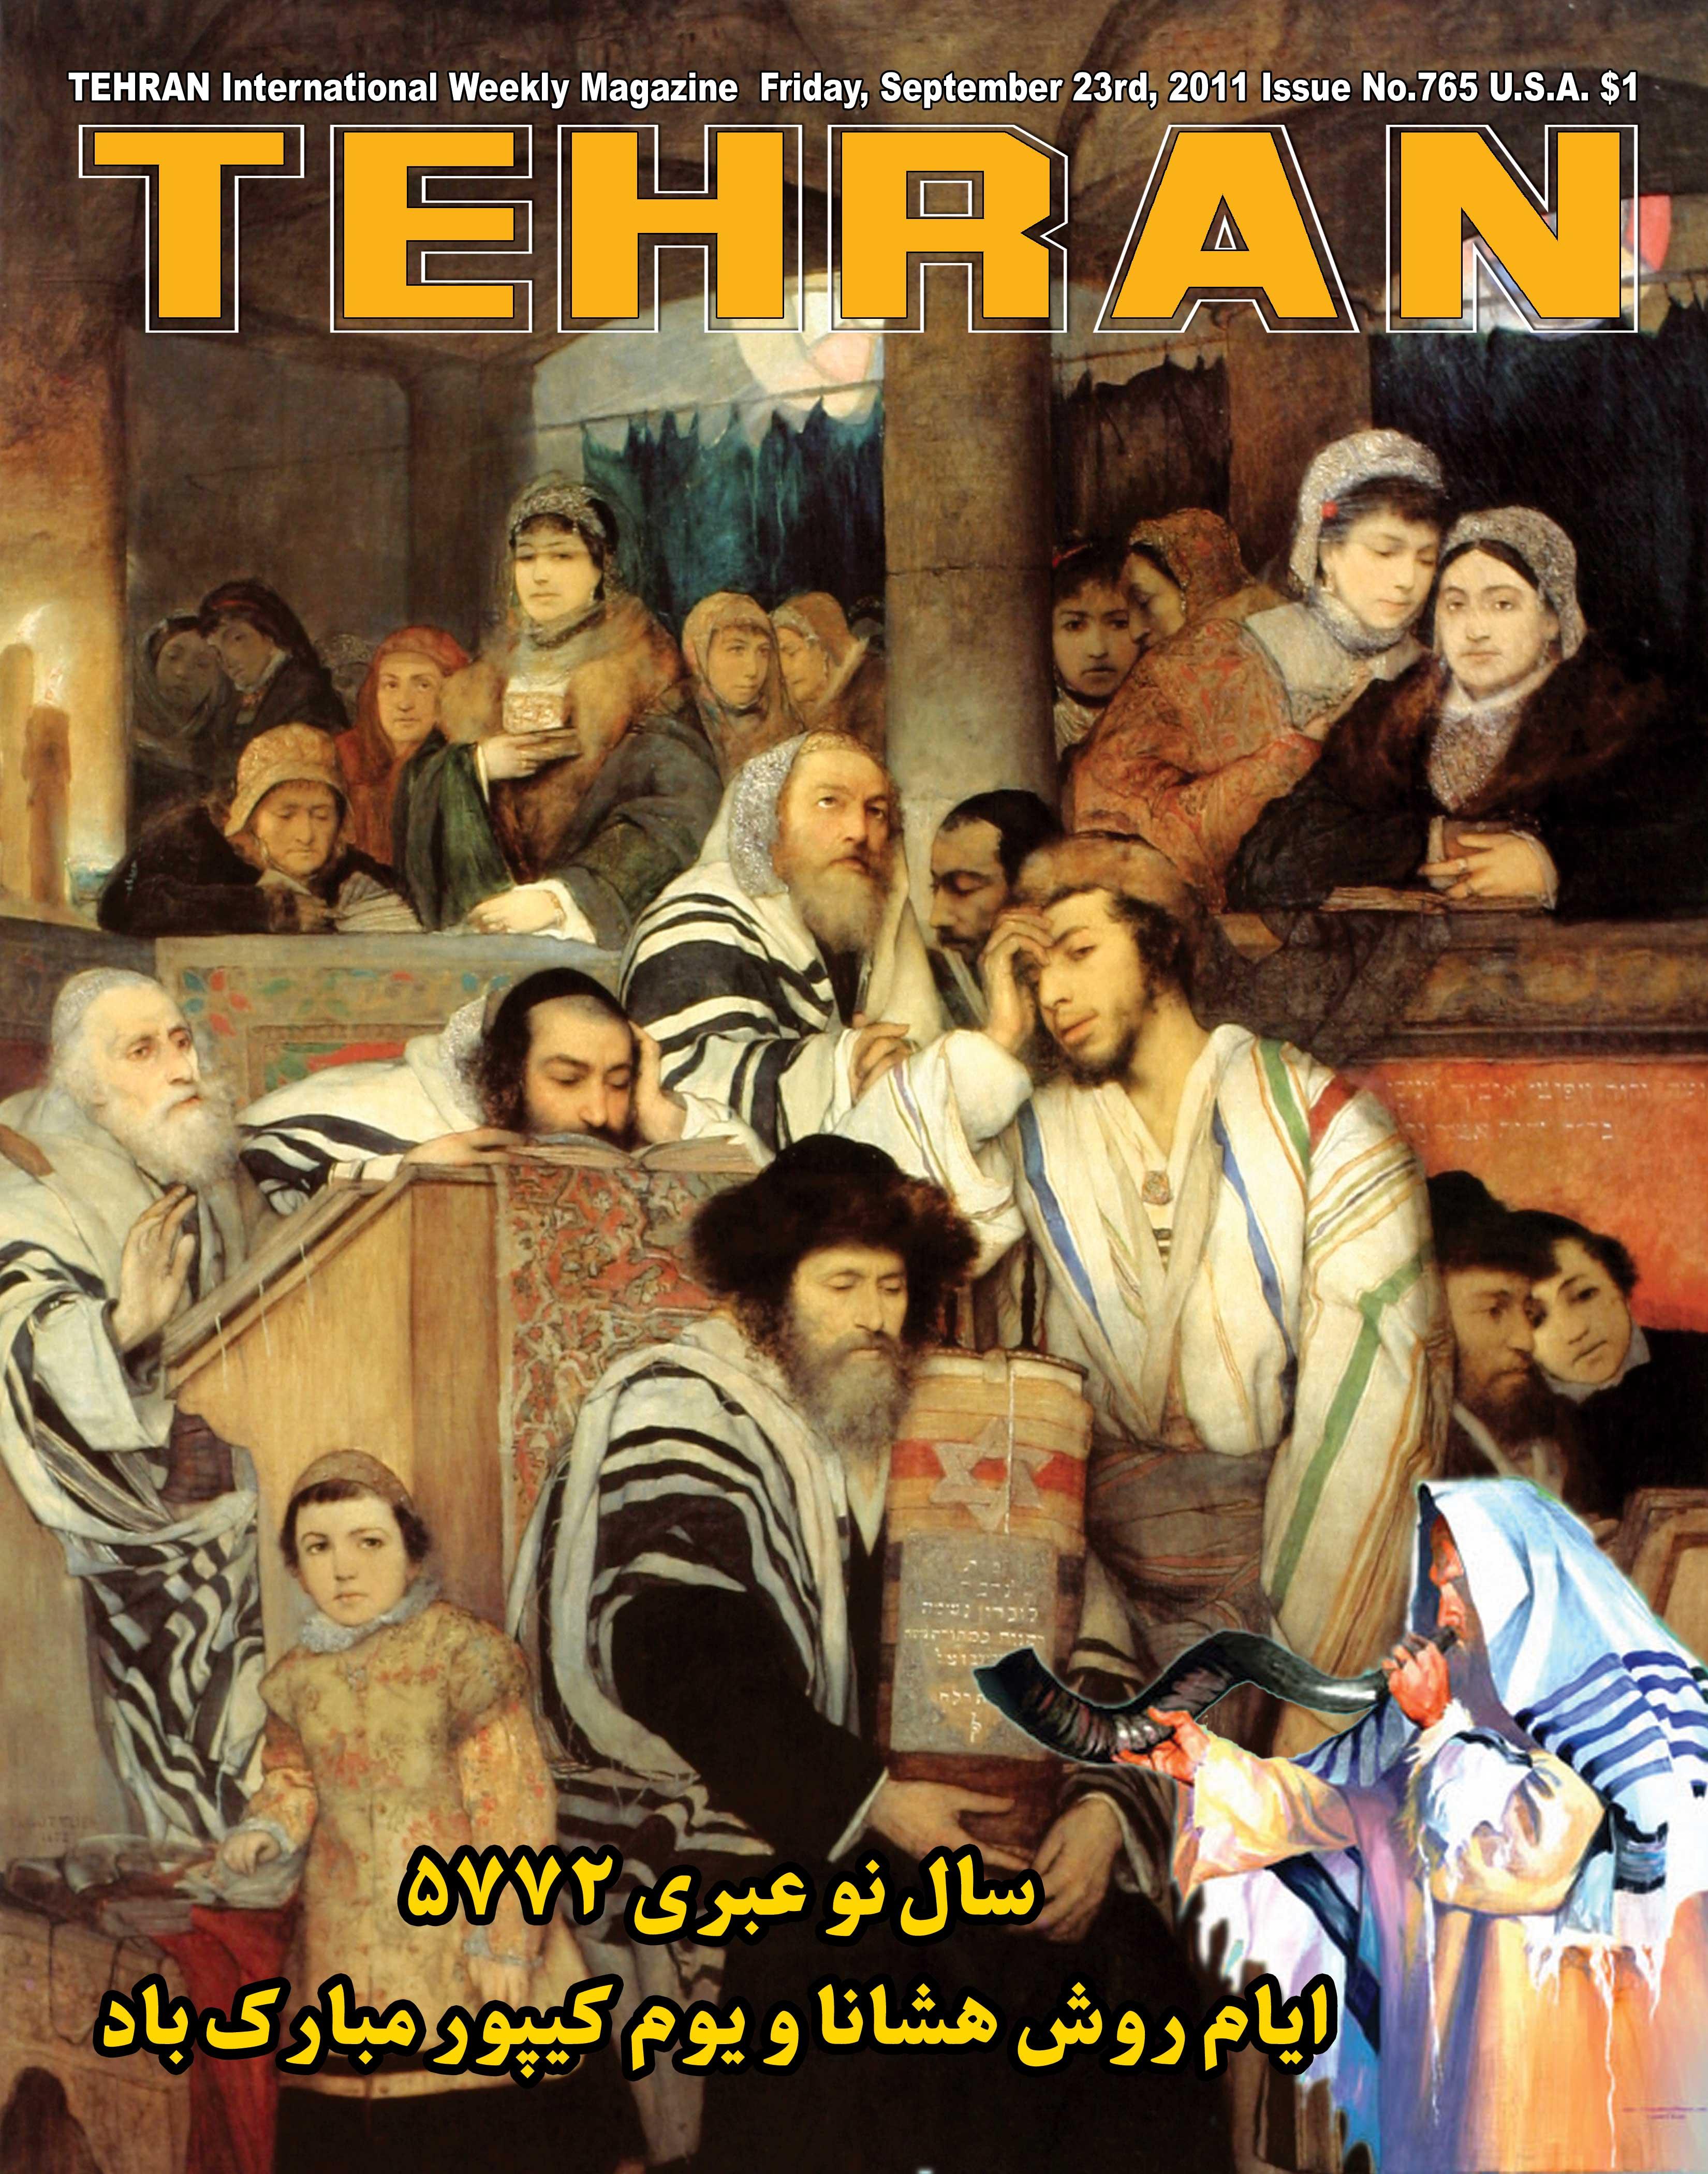 765-rosh-hashana Tehran-Magazine-Shahbod-Noori